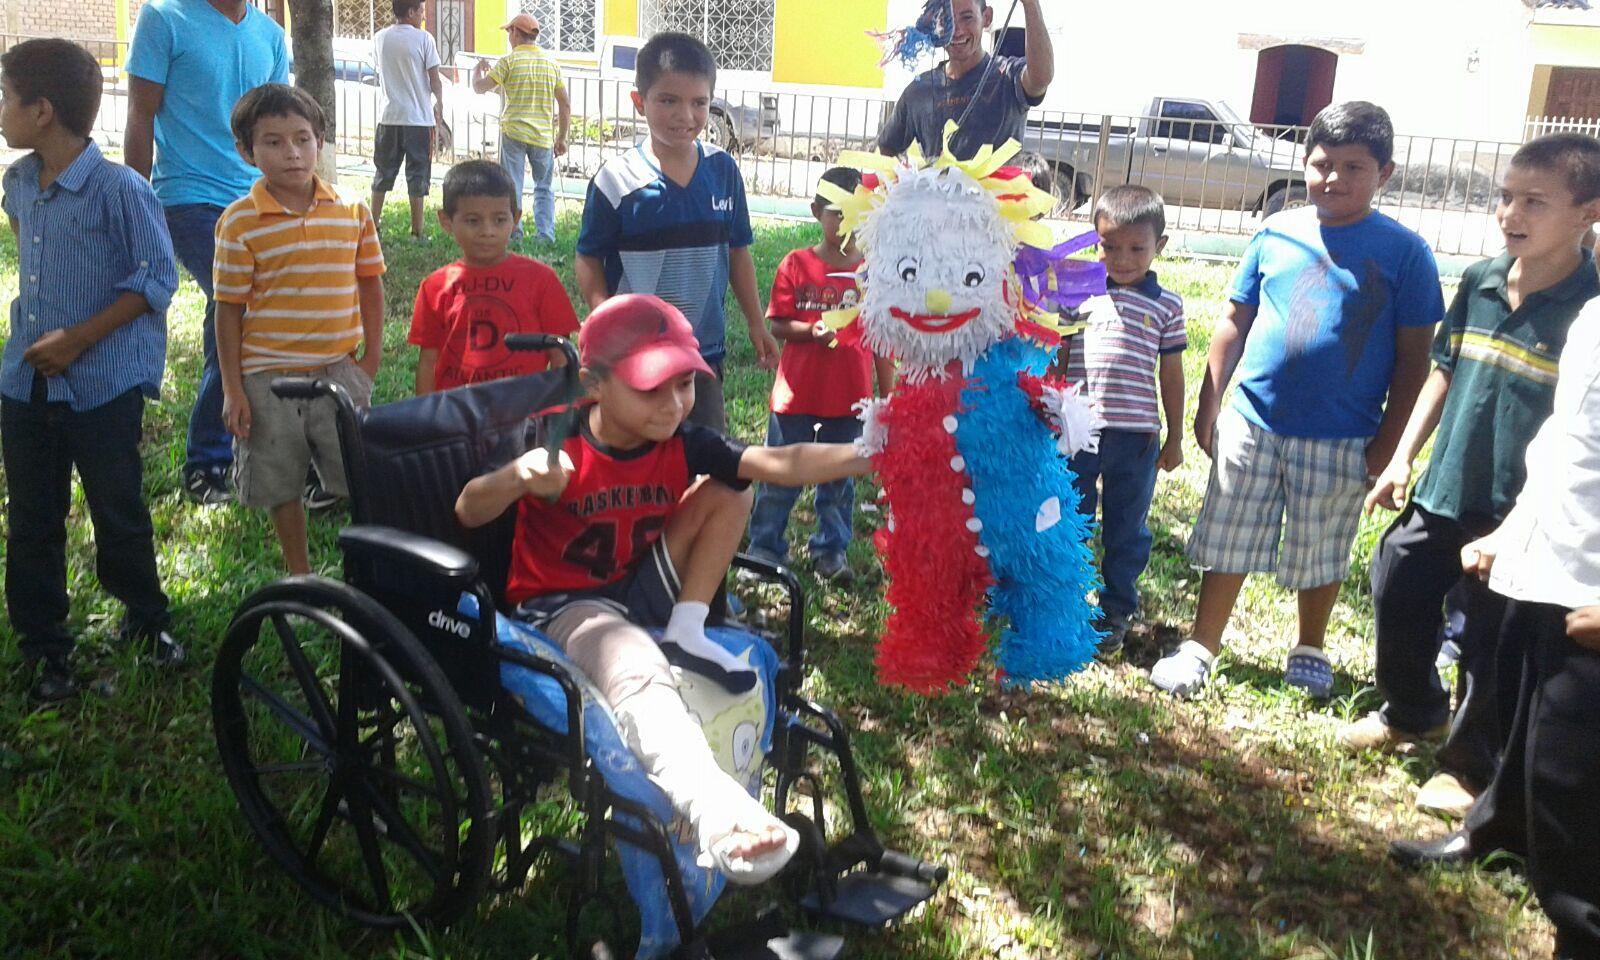 4 valientes hondureños unen esfuerzos para desarrollar comunidades